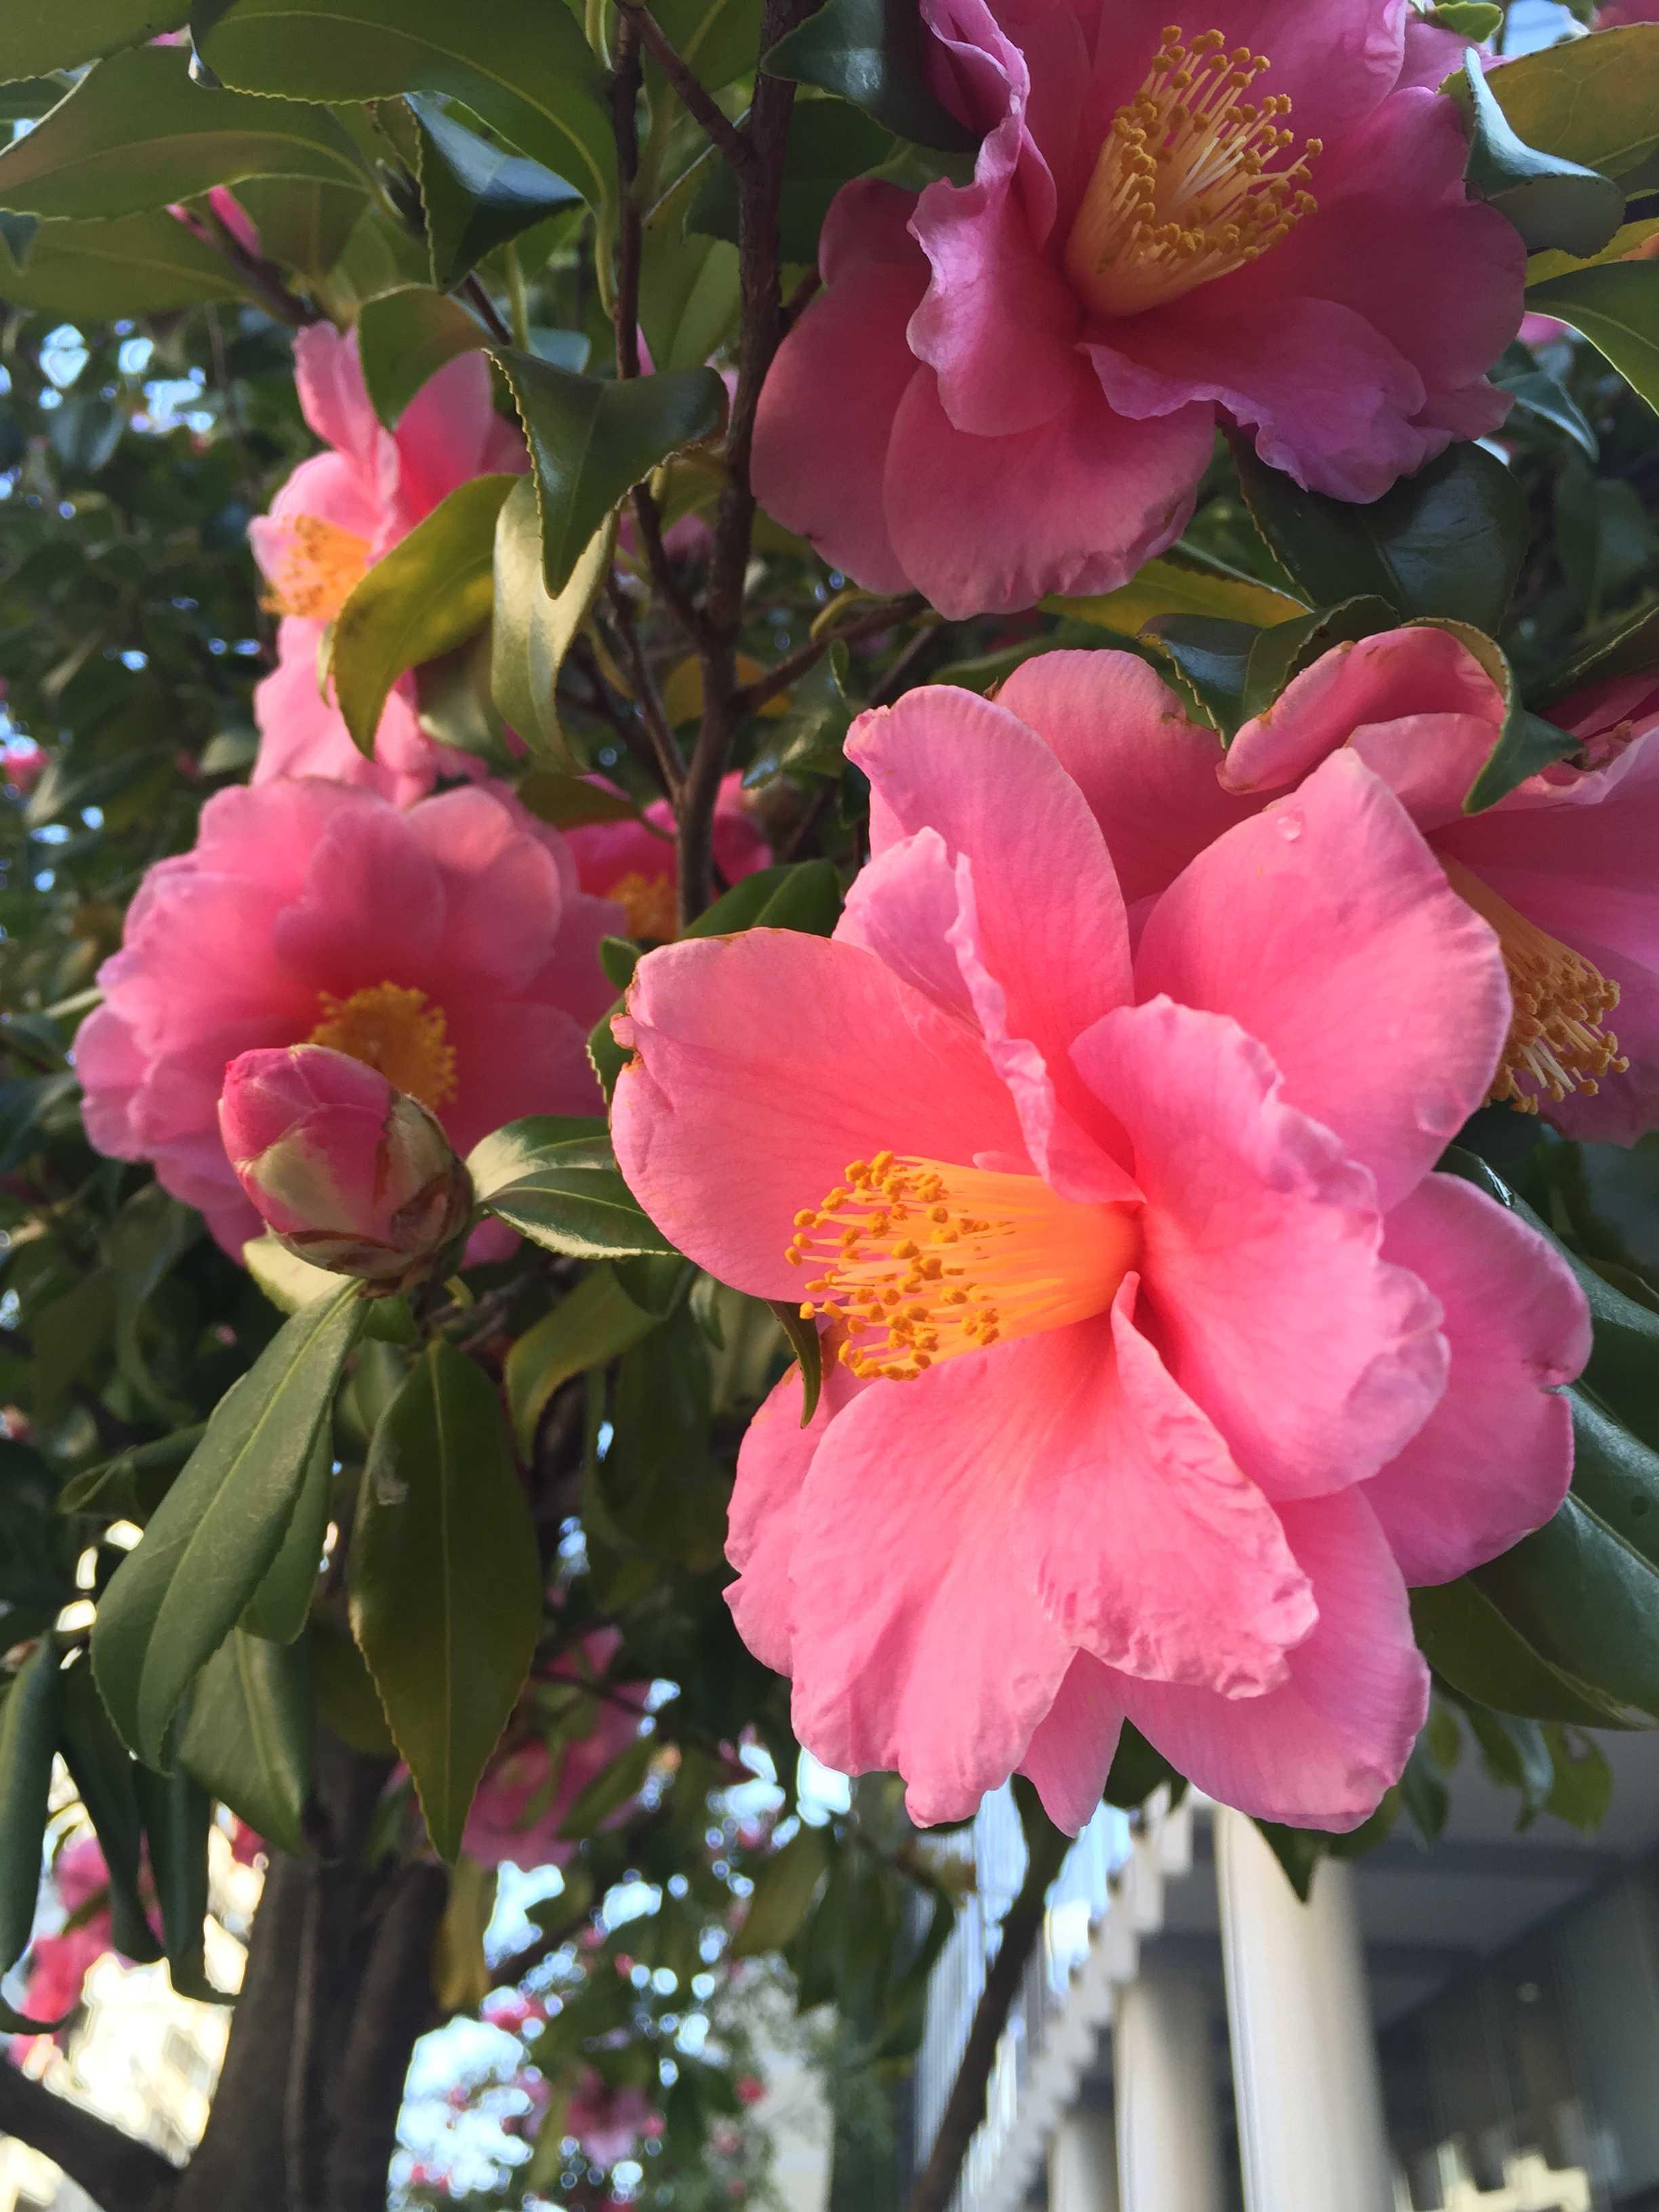 ピンク色の寒椿(ハルサザンカの笑顔)